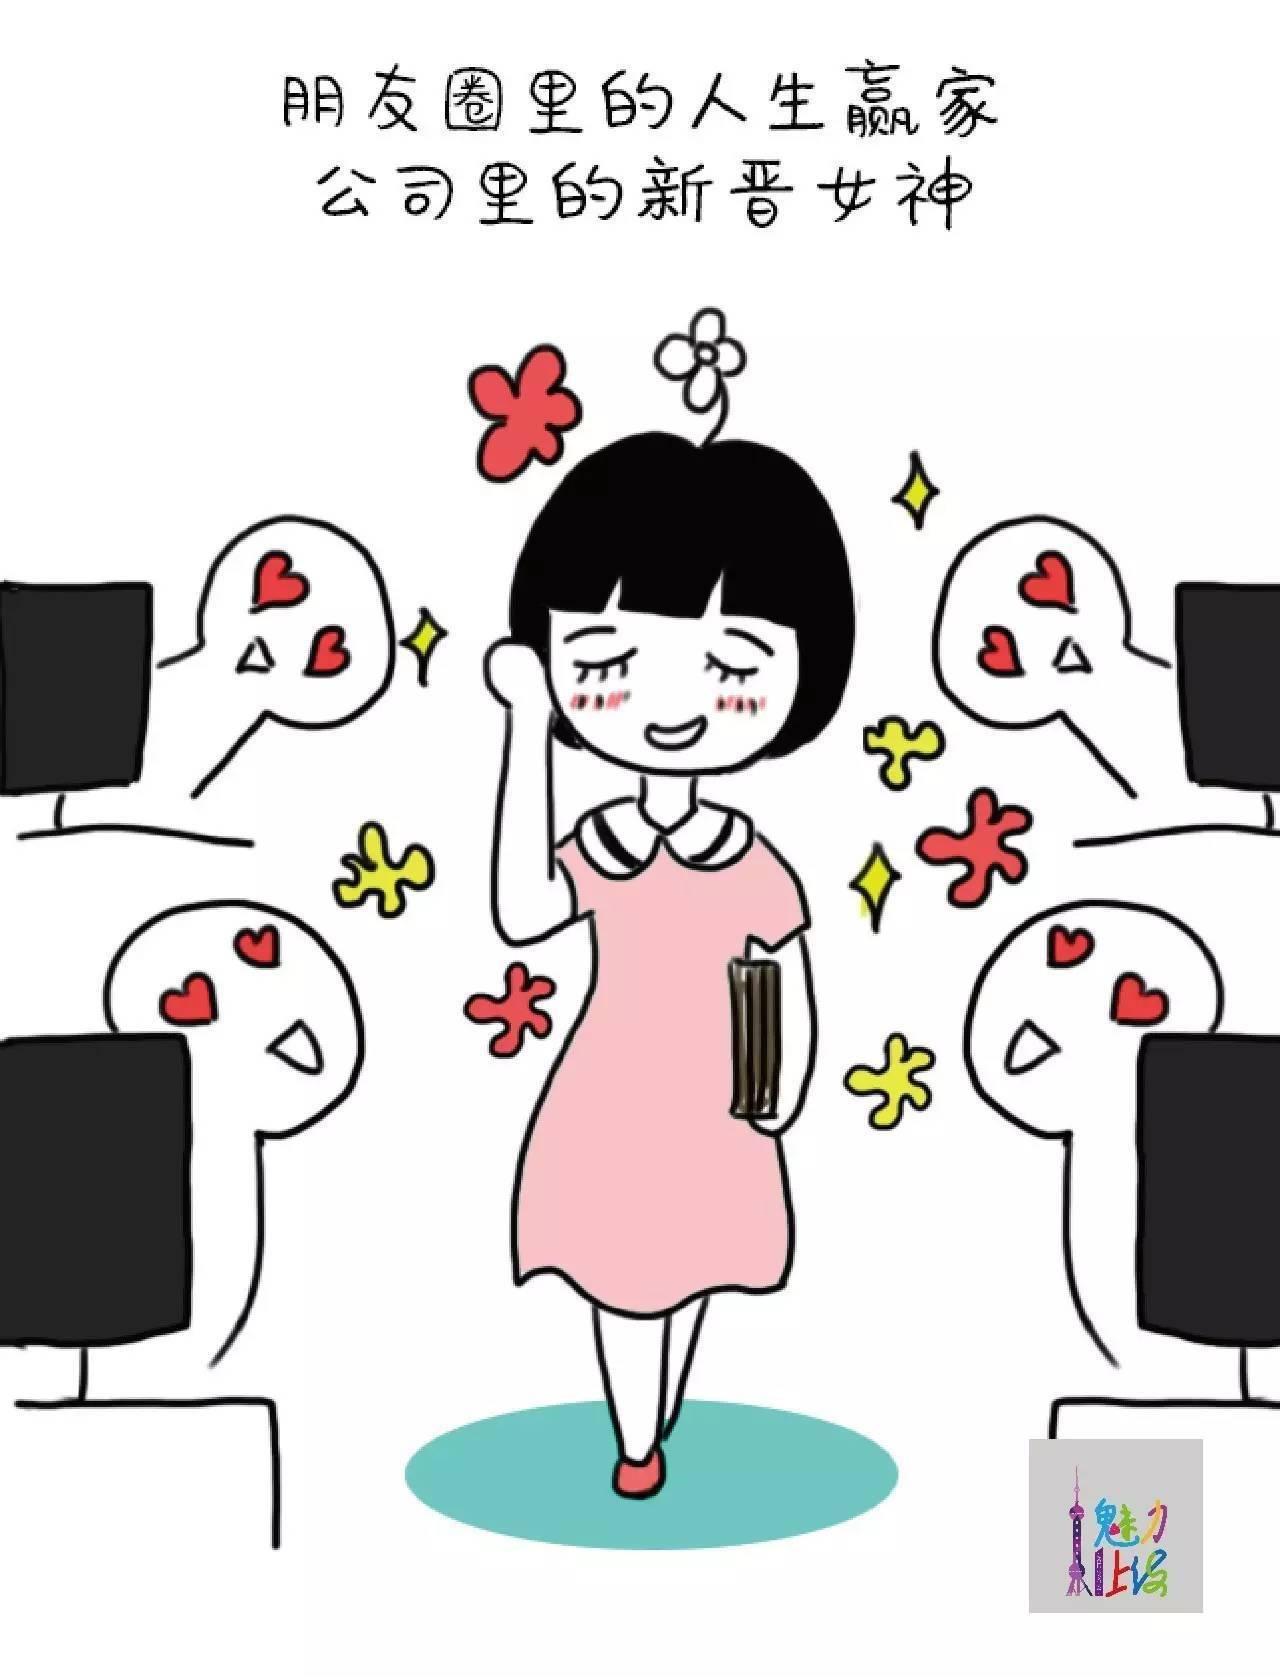 一个上海胖妞减肥疯狂的真实感受!我饭前必须先看三遍成功的减肥方法最图片